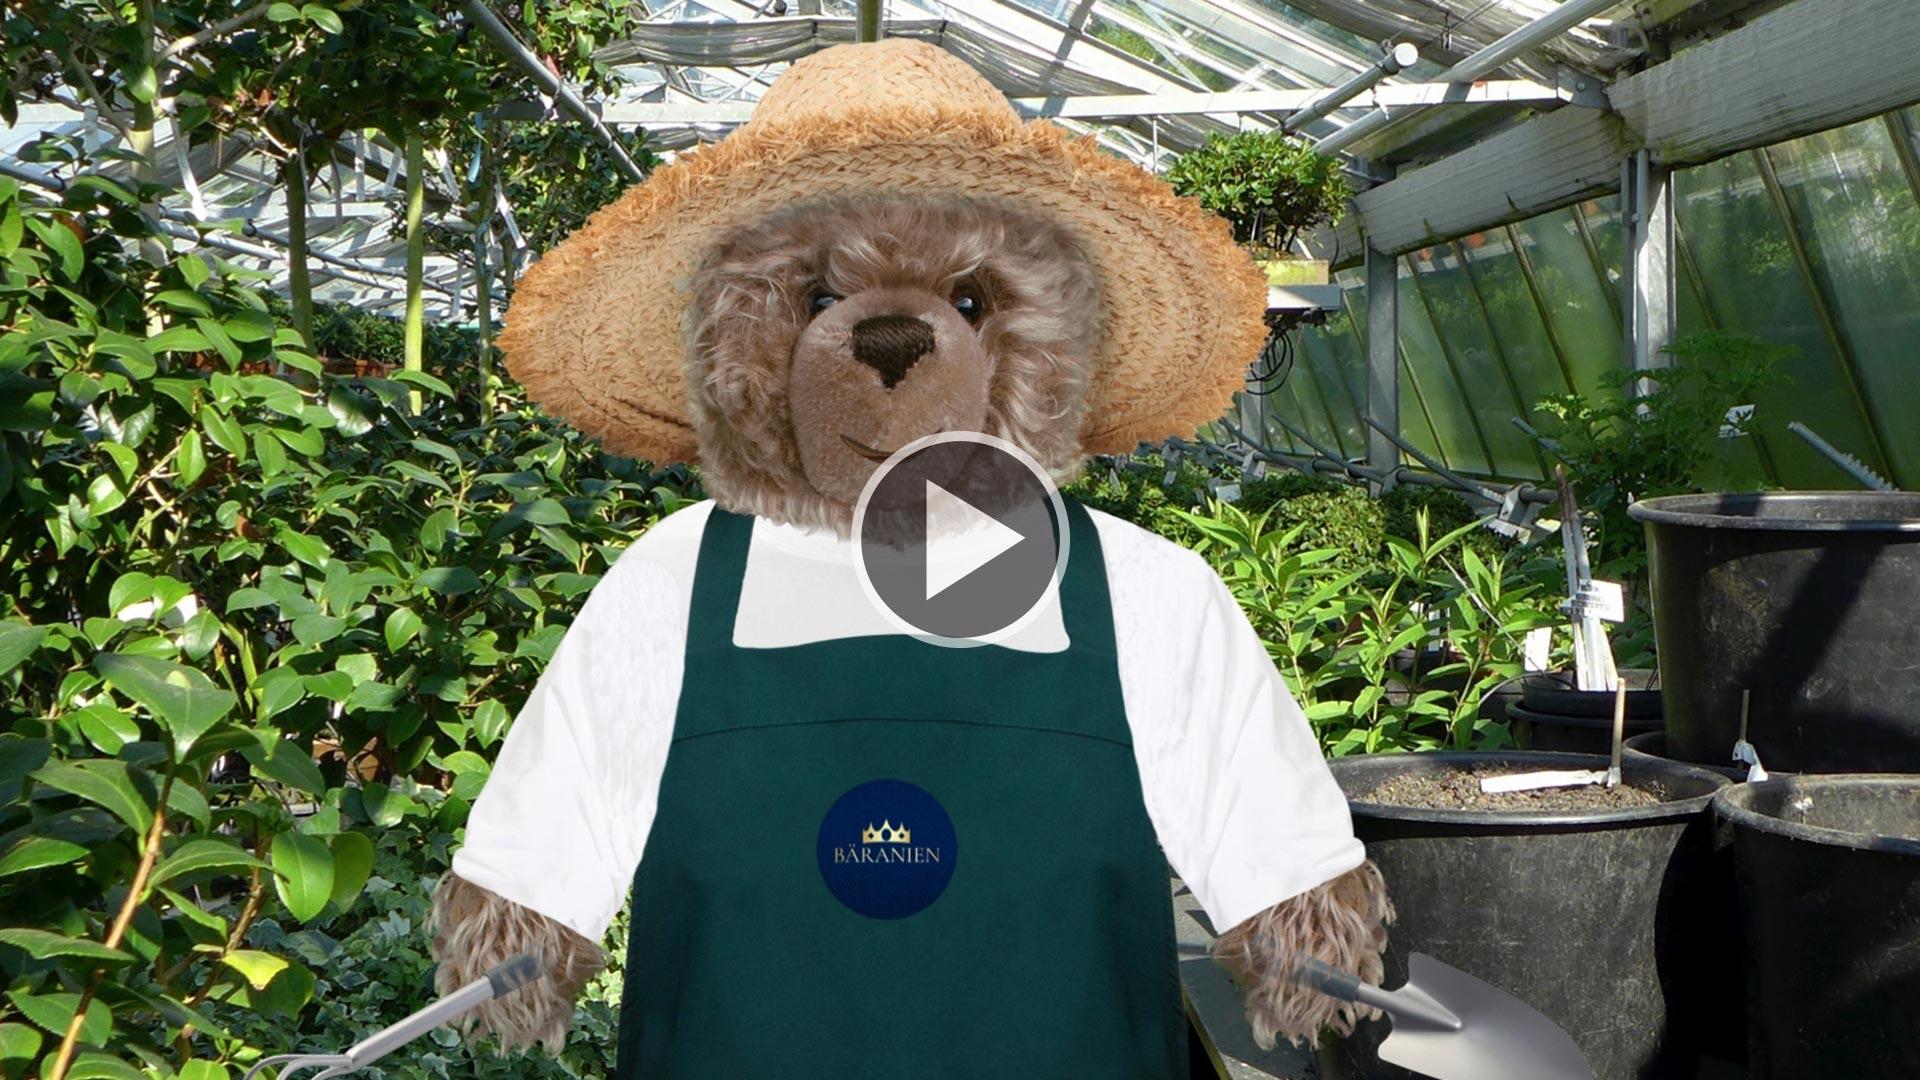 Teddybär -König Opa beim Gärtnern